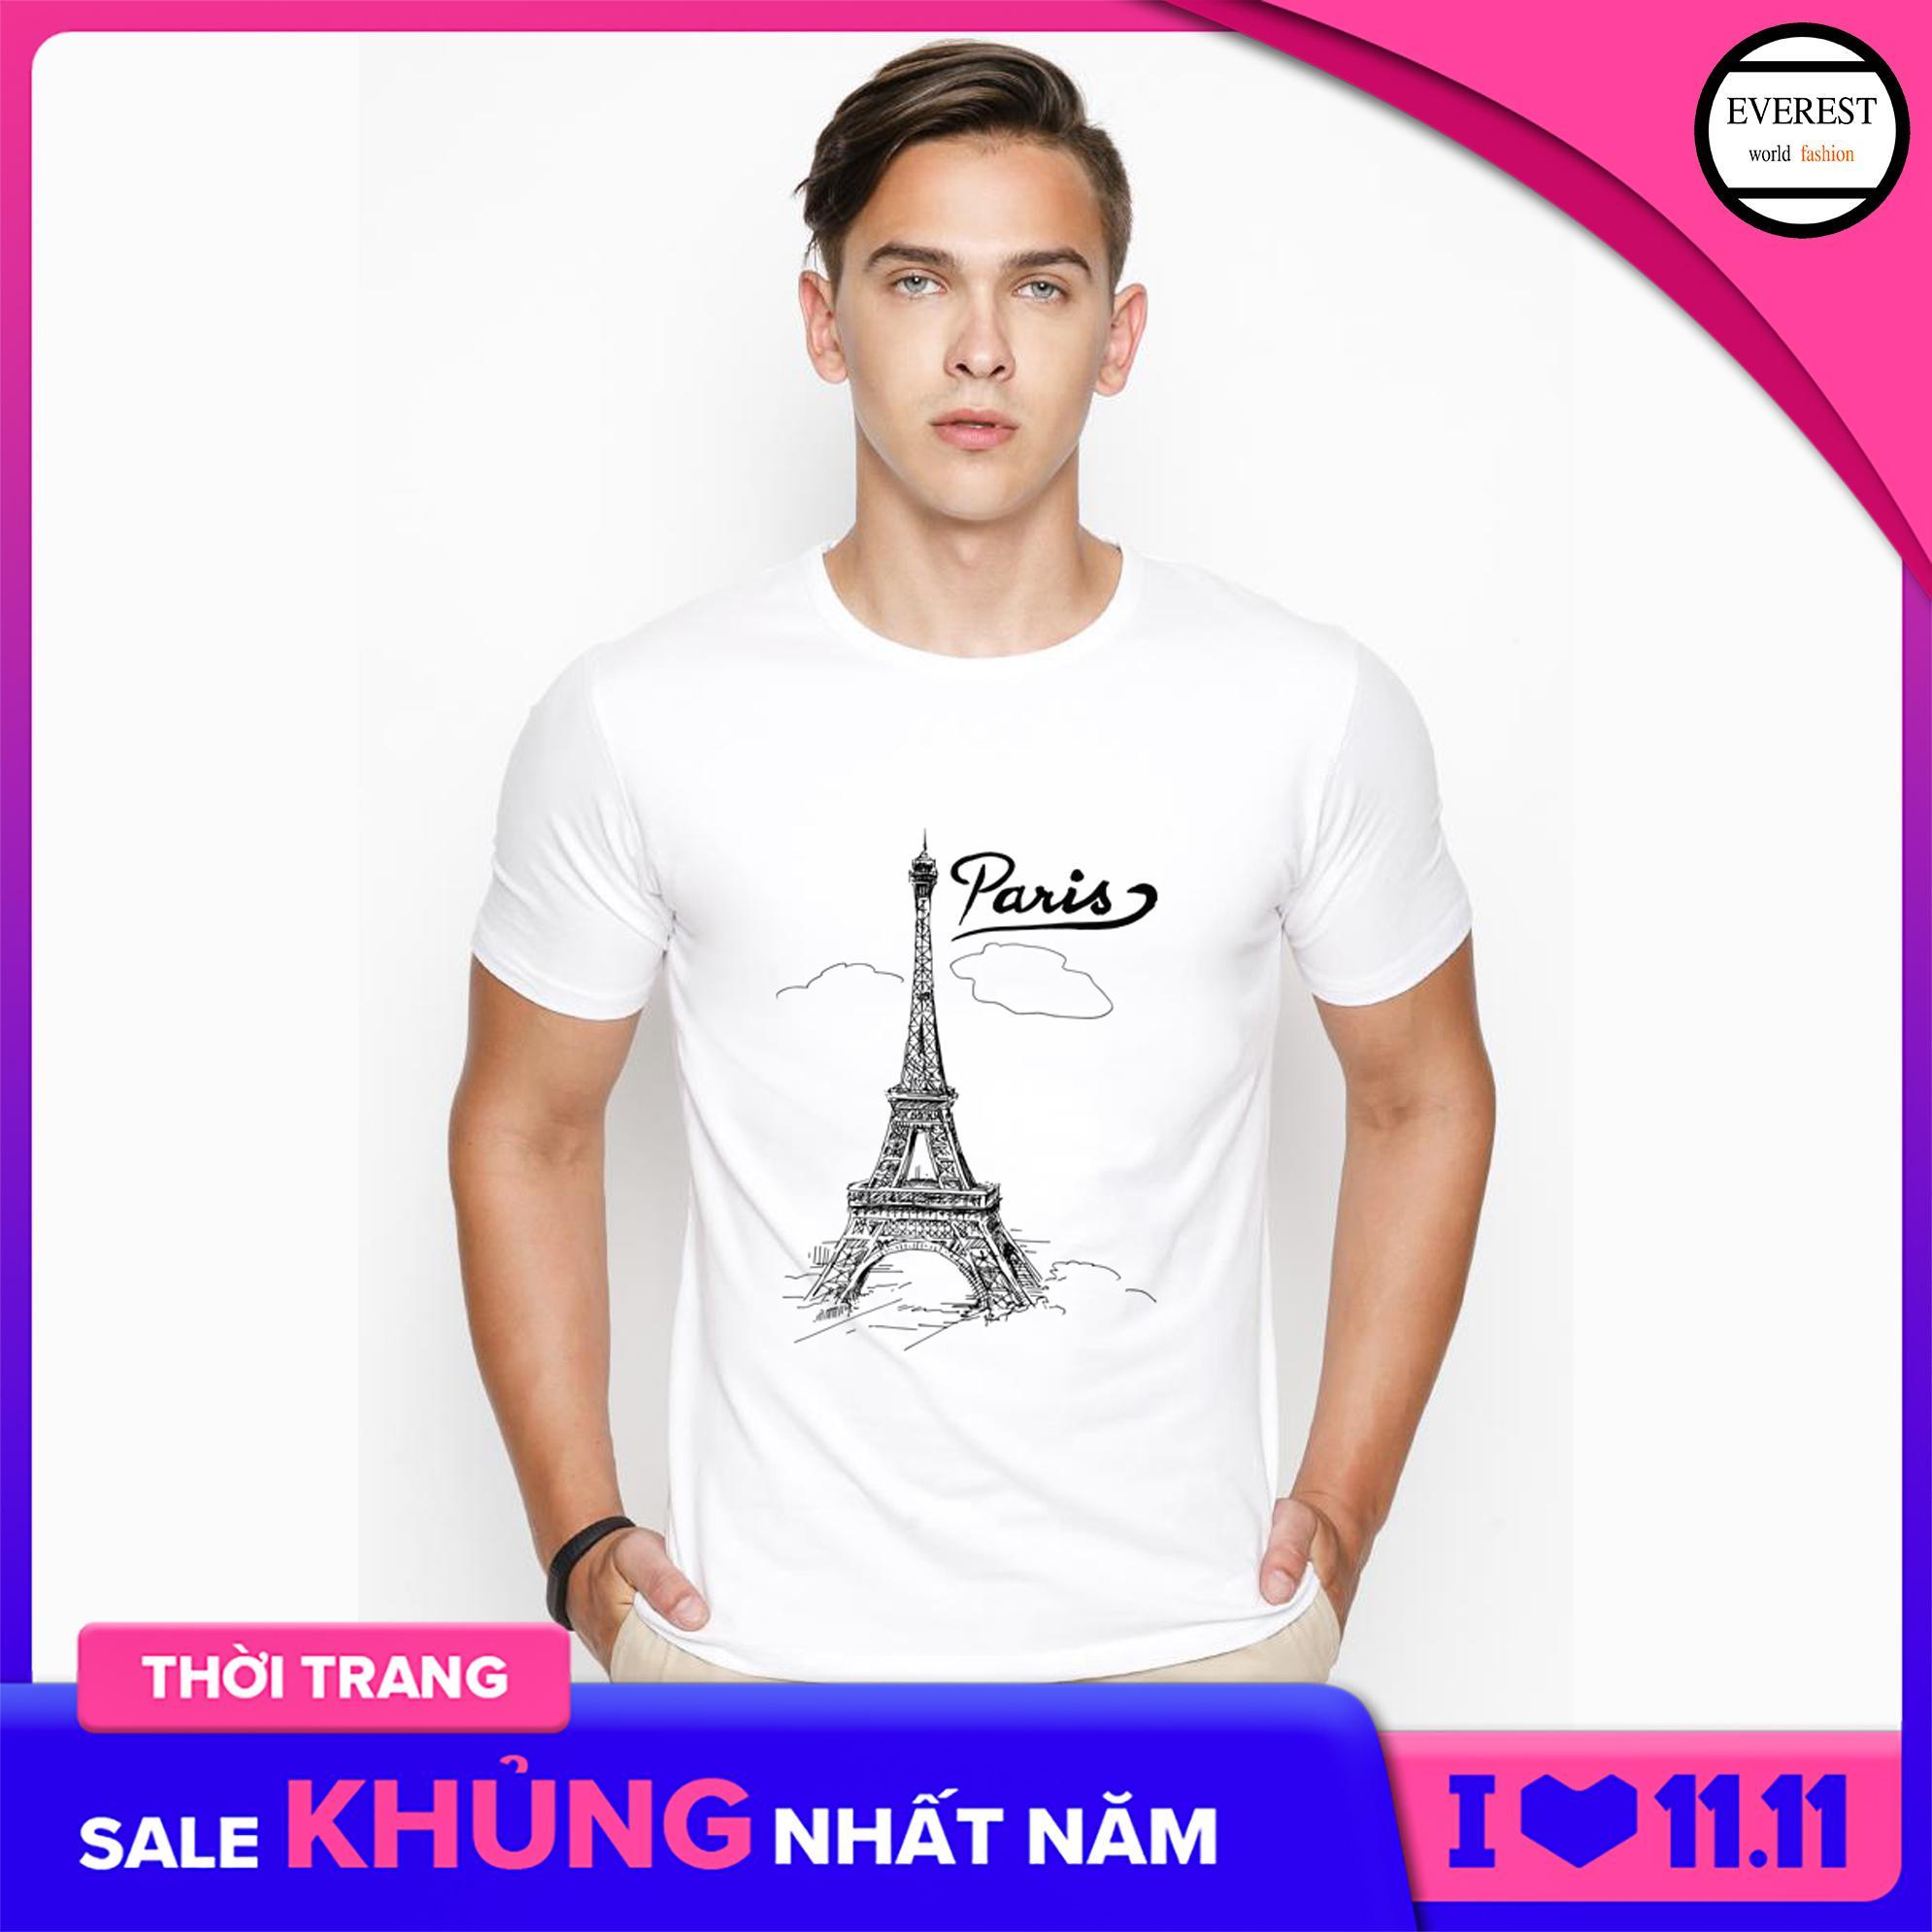 Áo Thun Nam In Hình Paris Mây Phong Cách Hàn Quốc Vải Dày Mịn AokNAM418 Đang Khuyến Mãi